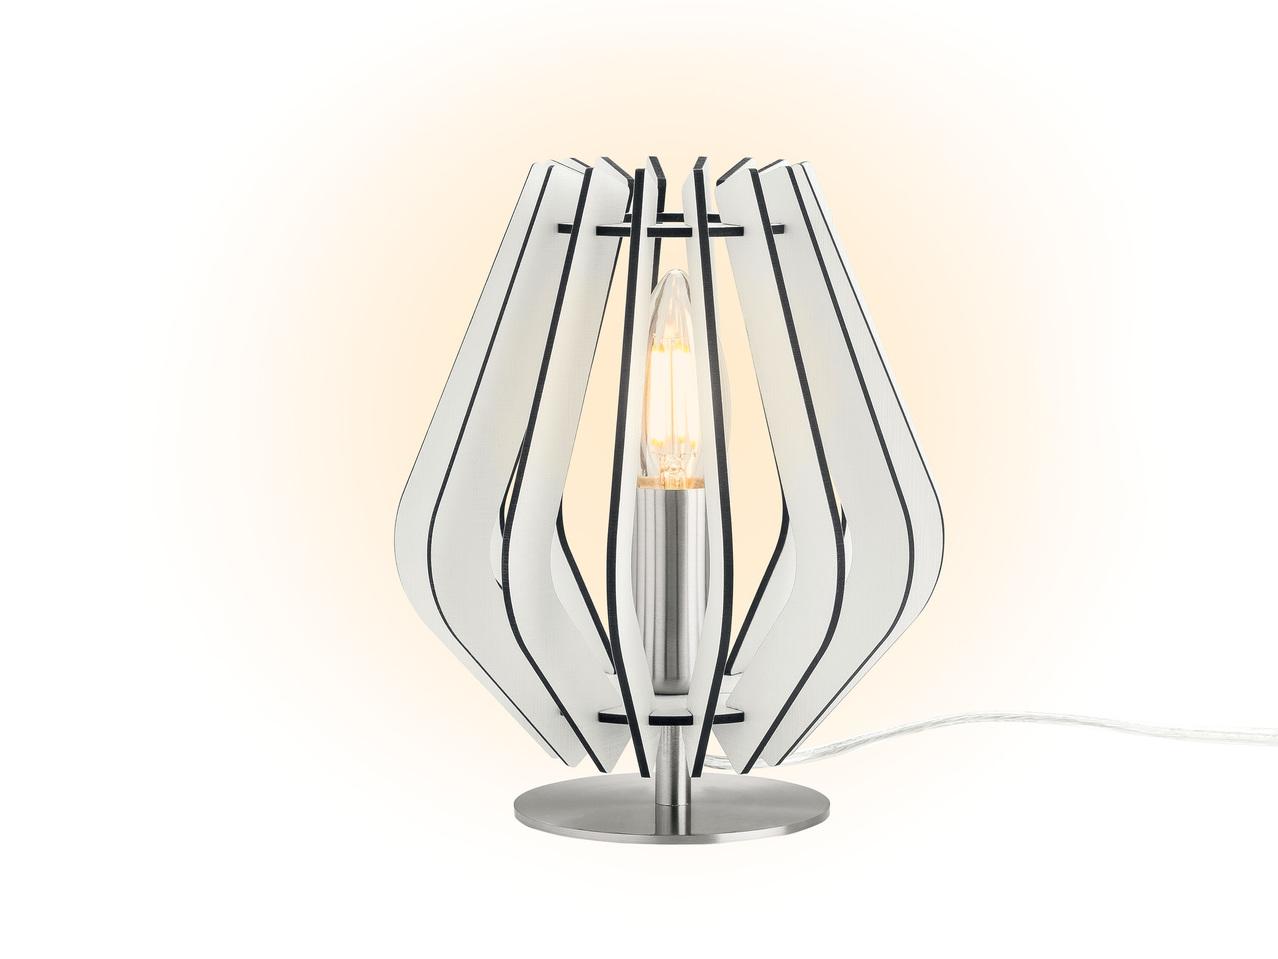 Lidl Led Lampe livarno lux lampe de travail led lidl